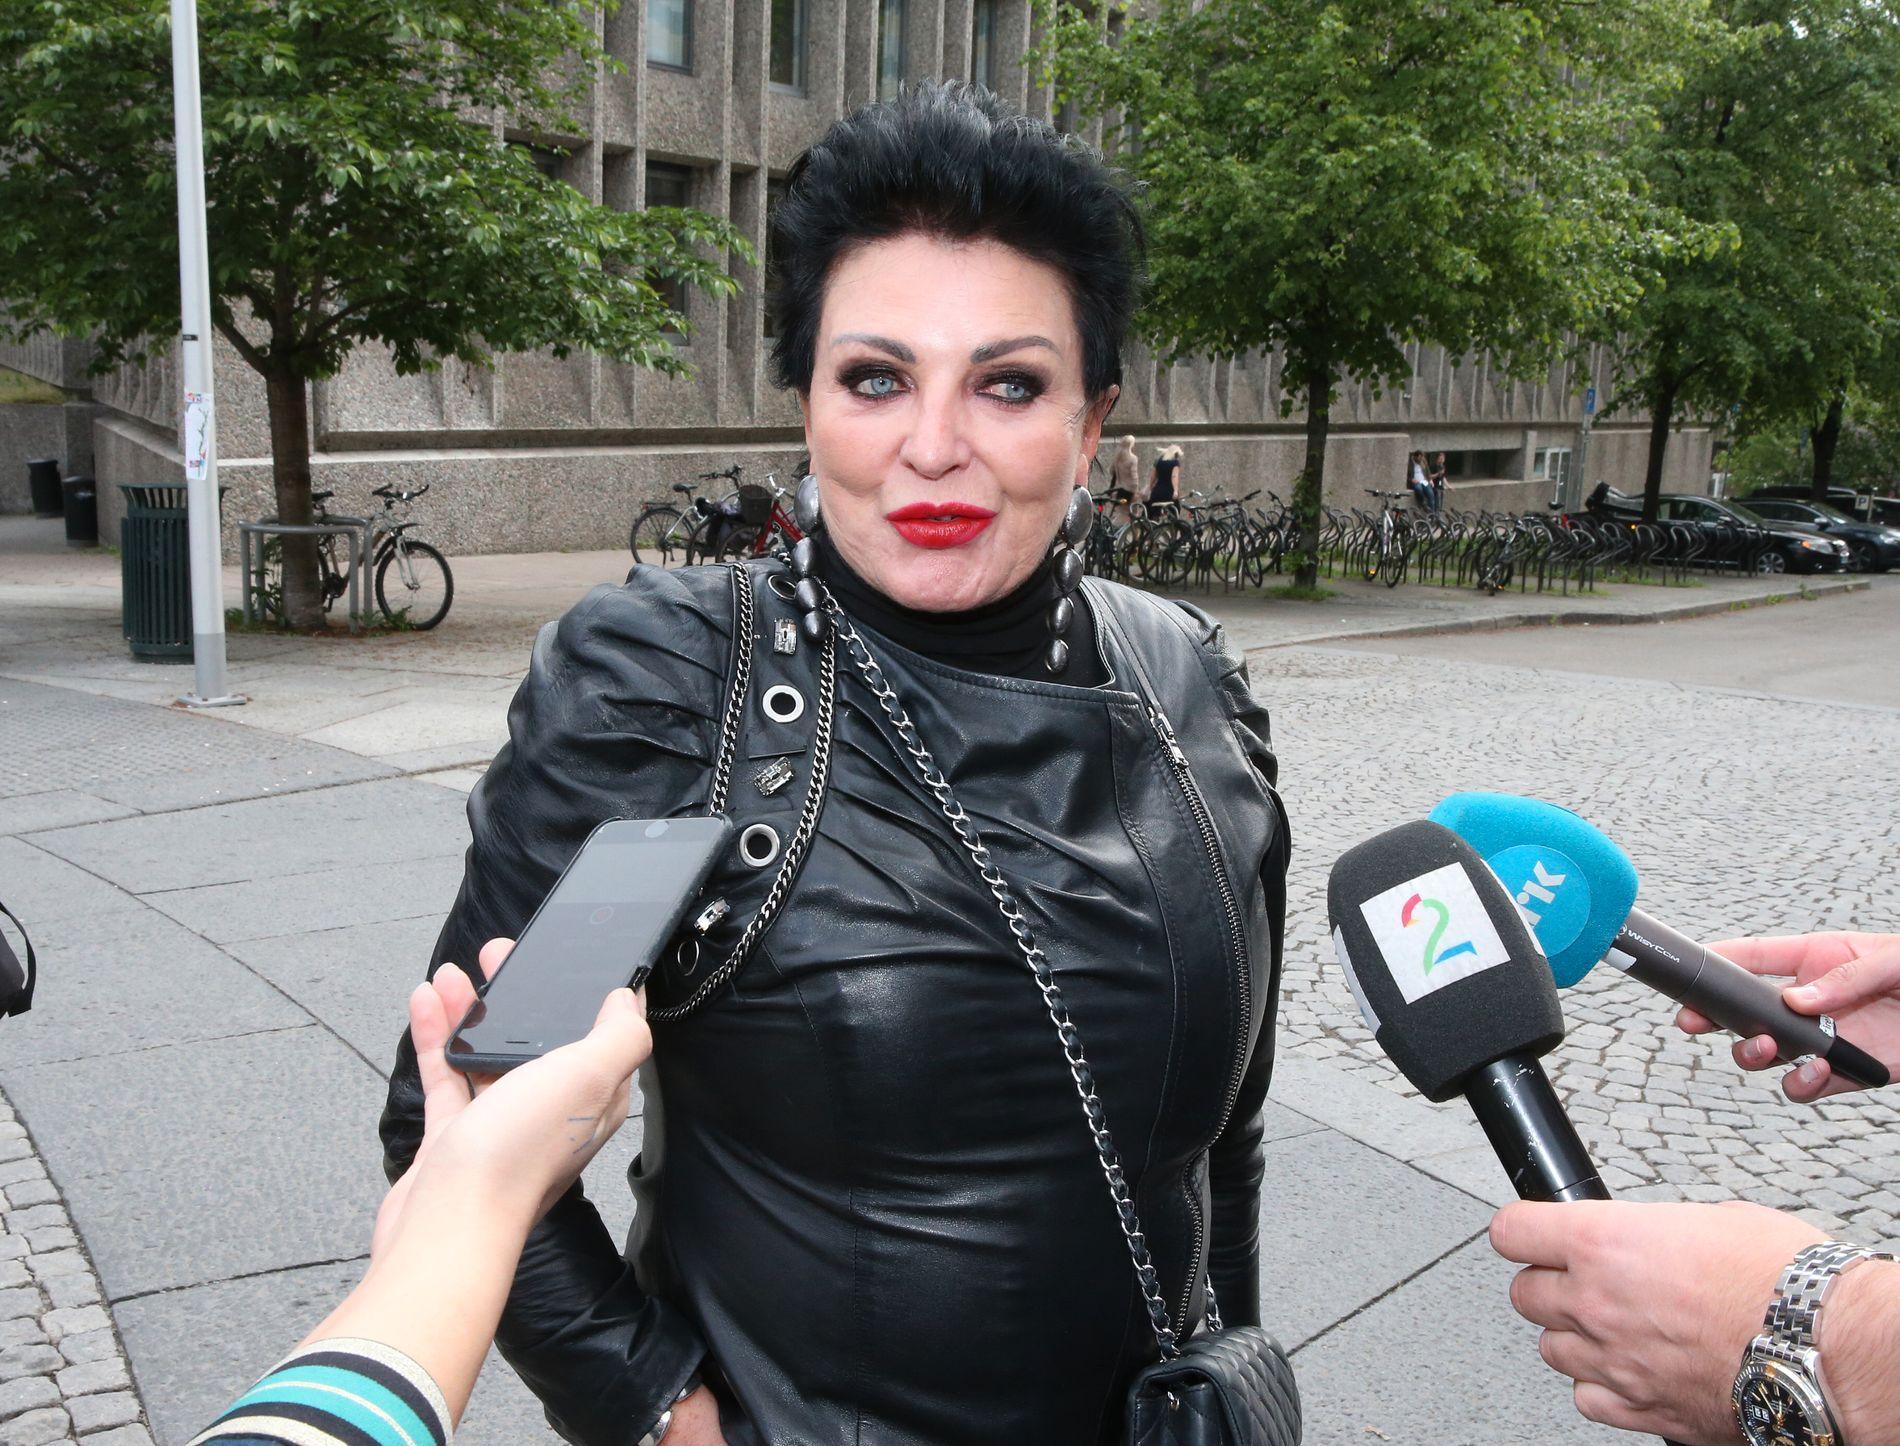 STØTTER: Lilli Bendriss støtter prinsesse Märtha Louise og sjaman Durek Verrett.